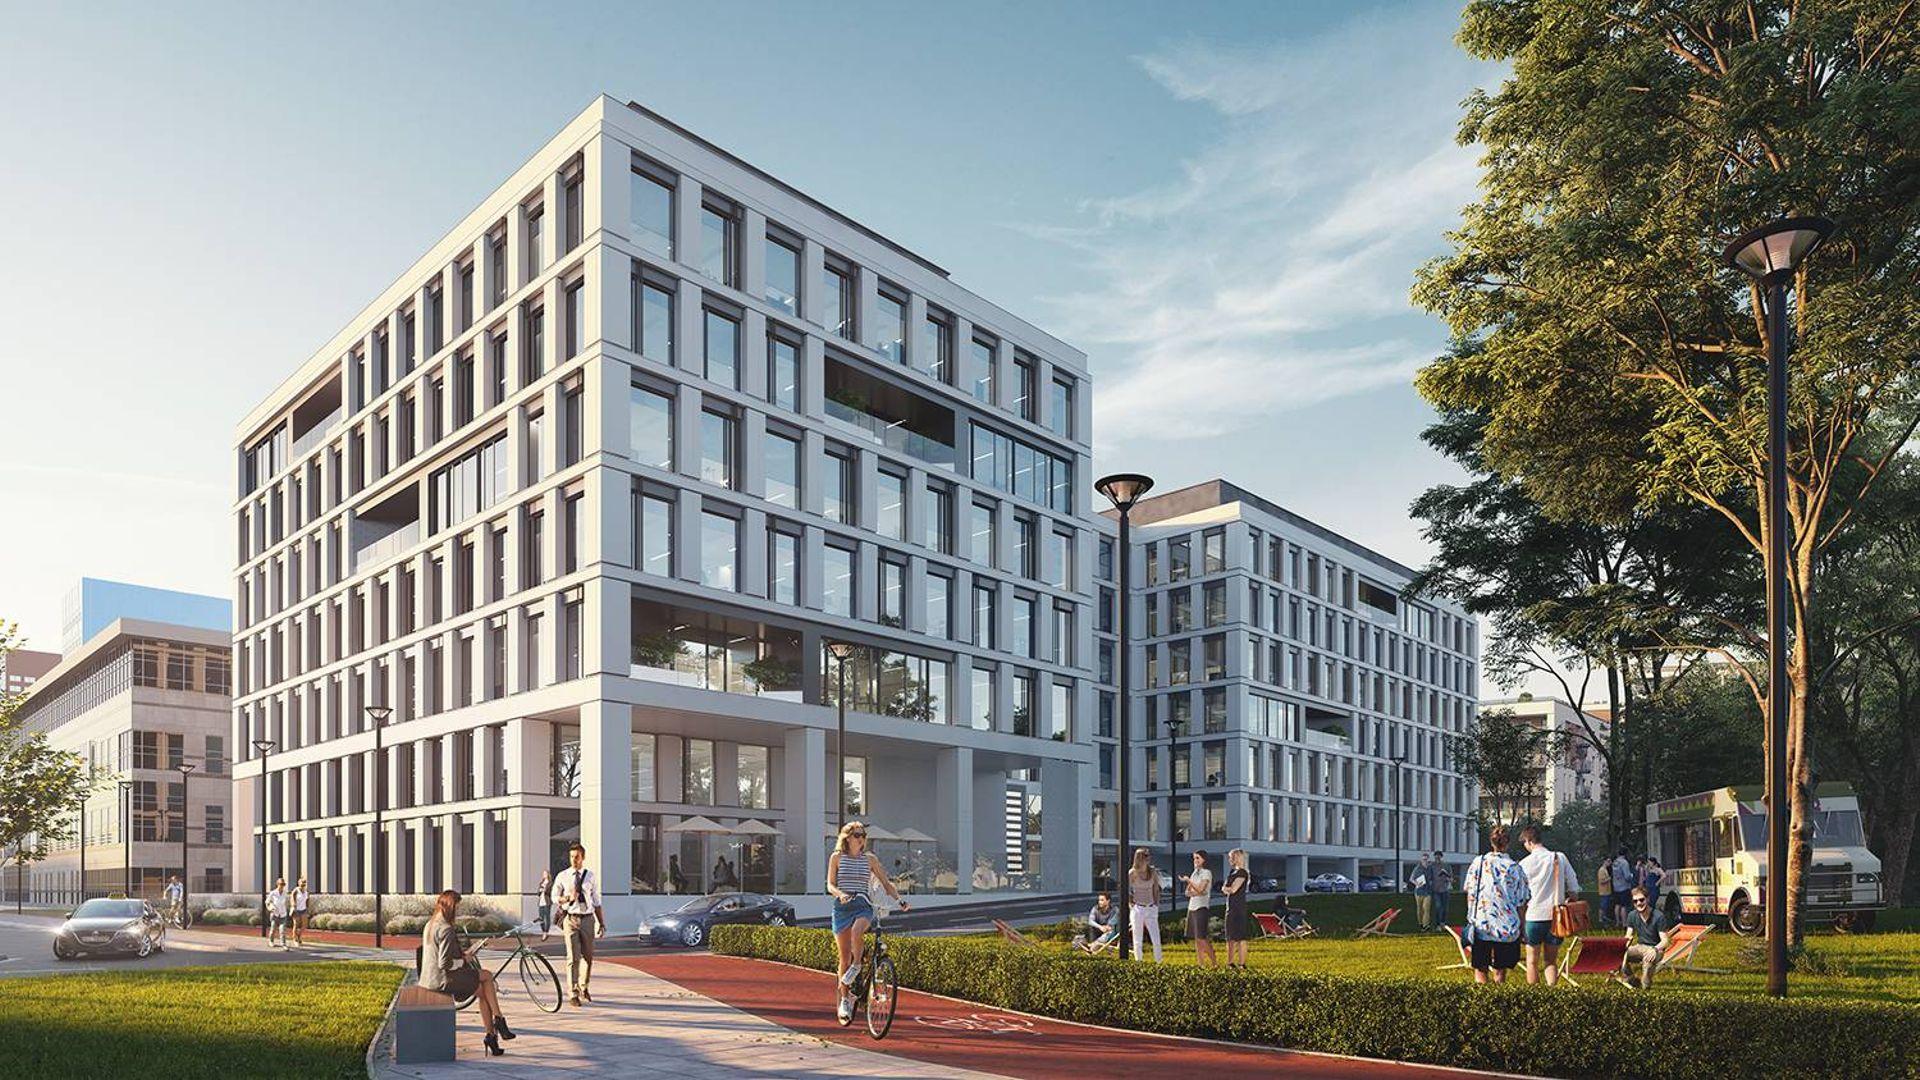 Łódź: Echo Investment zbliża się do ukończenia biurowca React [FILM]